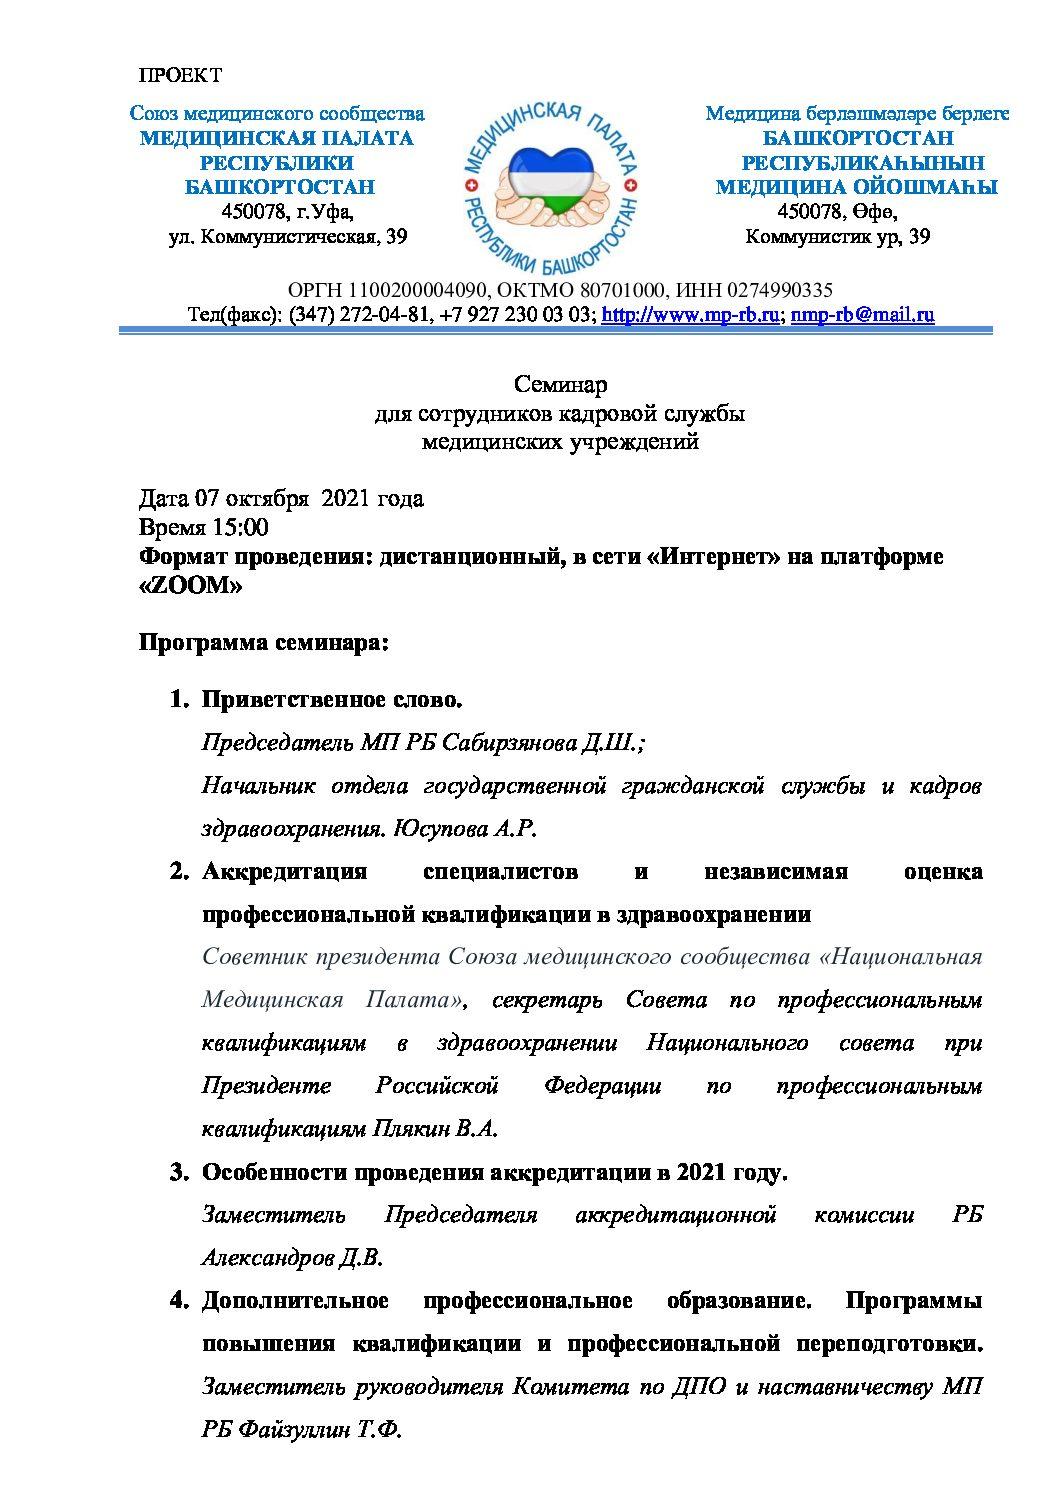 Семинар  для сотрудников кадровой службы  медицинских учреждений переносится на 07 октября 2021 г